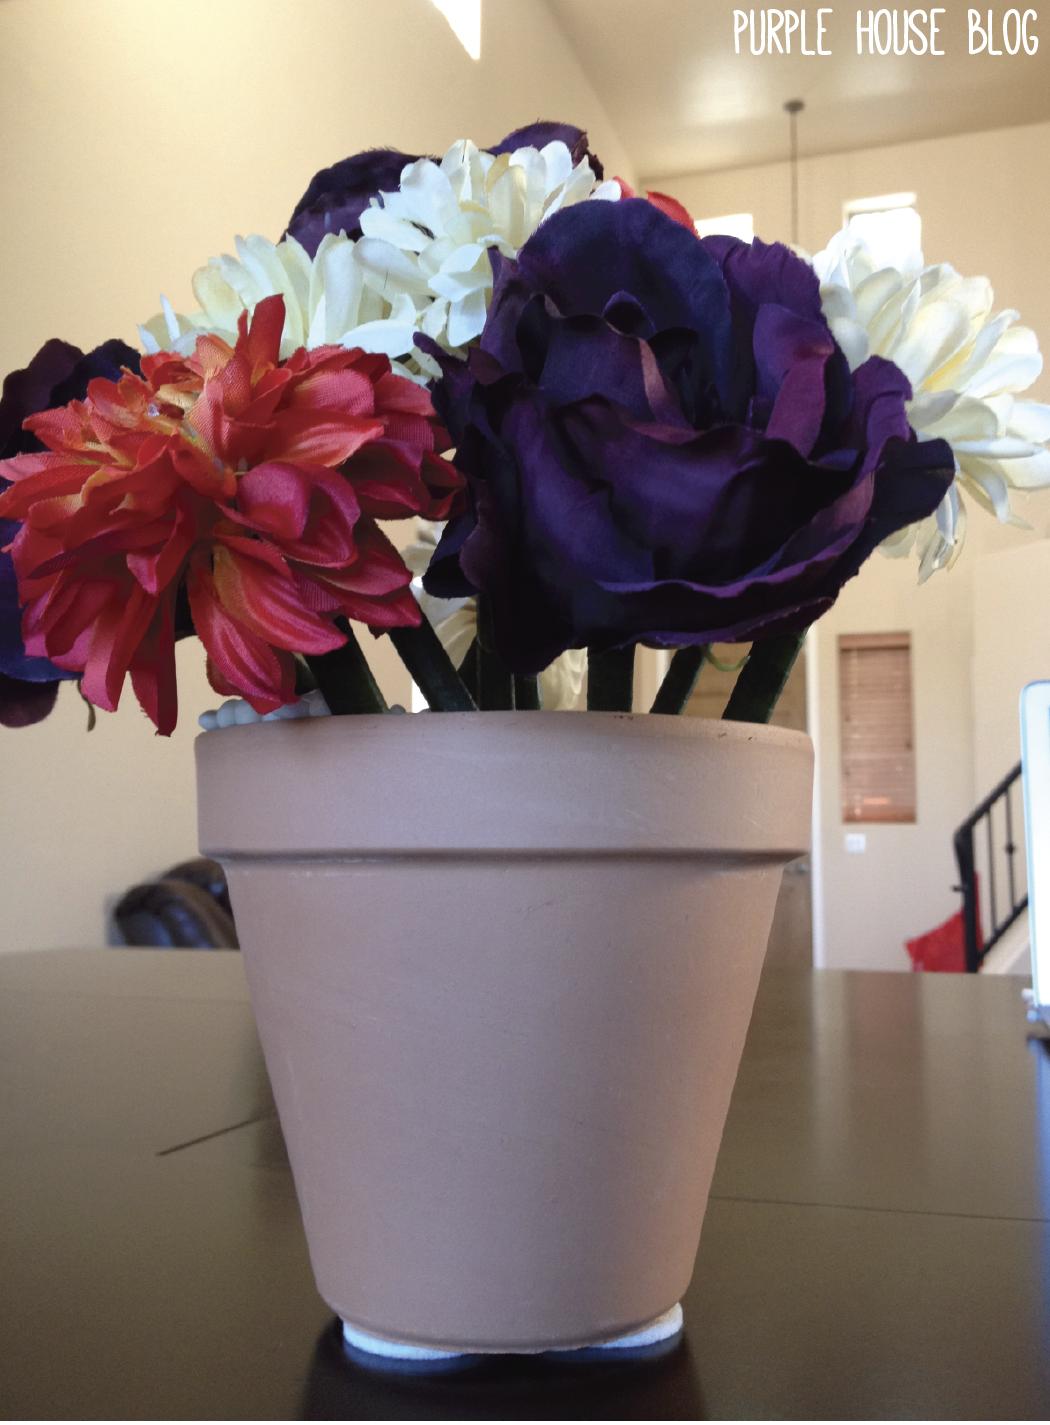 Diy Flower Pen Bouquet And Flower Pot Purple House Blog